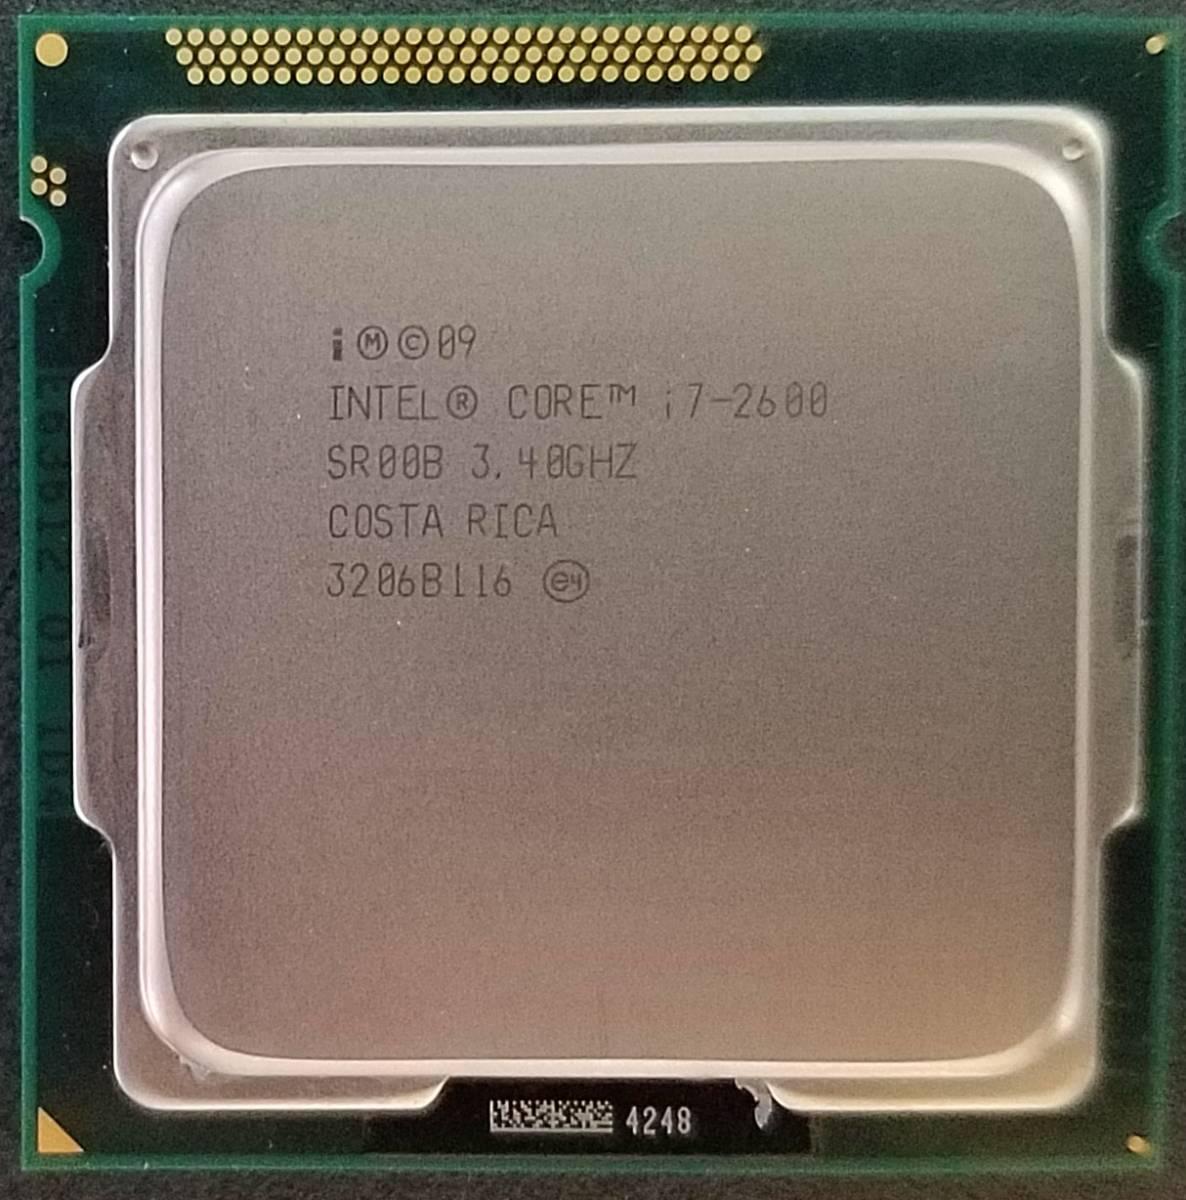 インテル CPU Core i7-2600 3.40GHz 4コア 8M LGA1155 送料無料